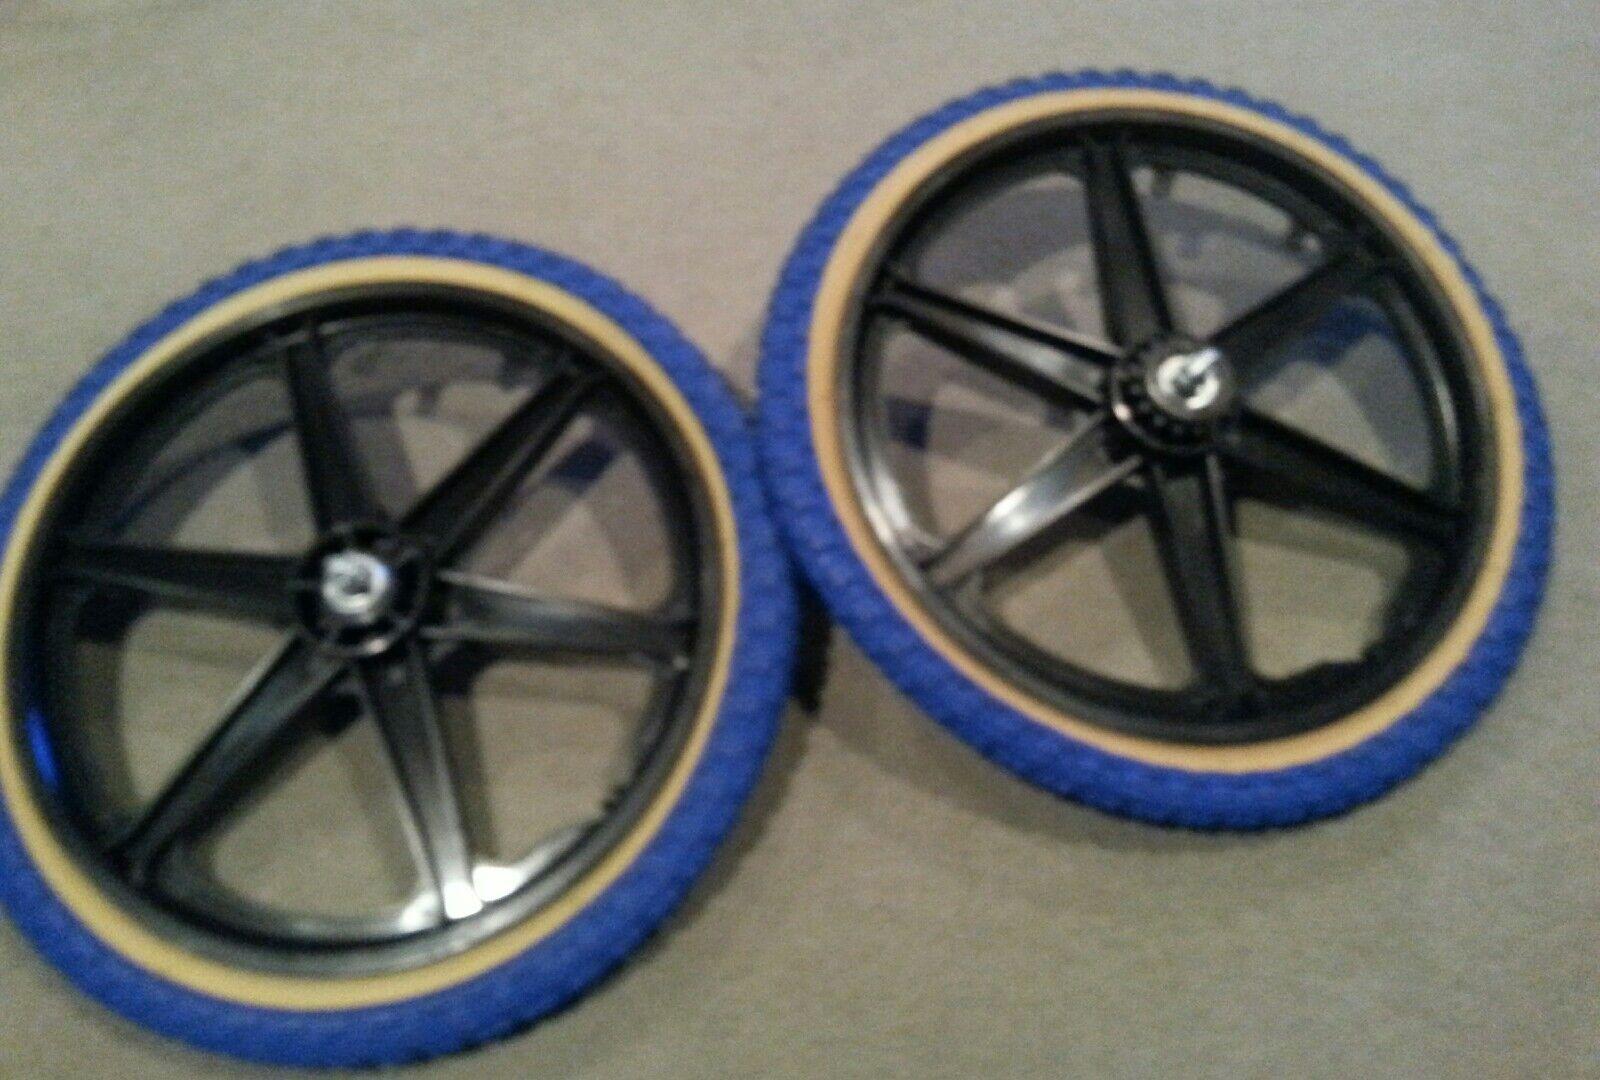 Nuevo 20  MAG Ruedas de 6 radios azulgum Neumáticos & Tubos Gt Dyno Haro Bmx Bicicletas